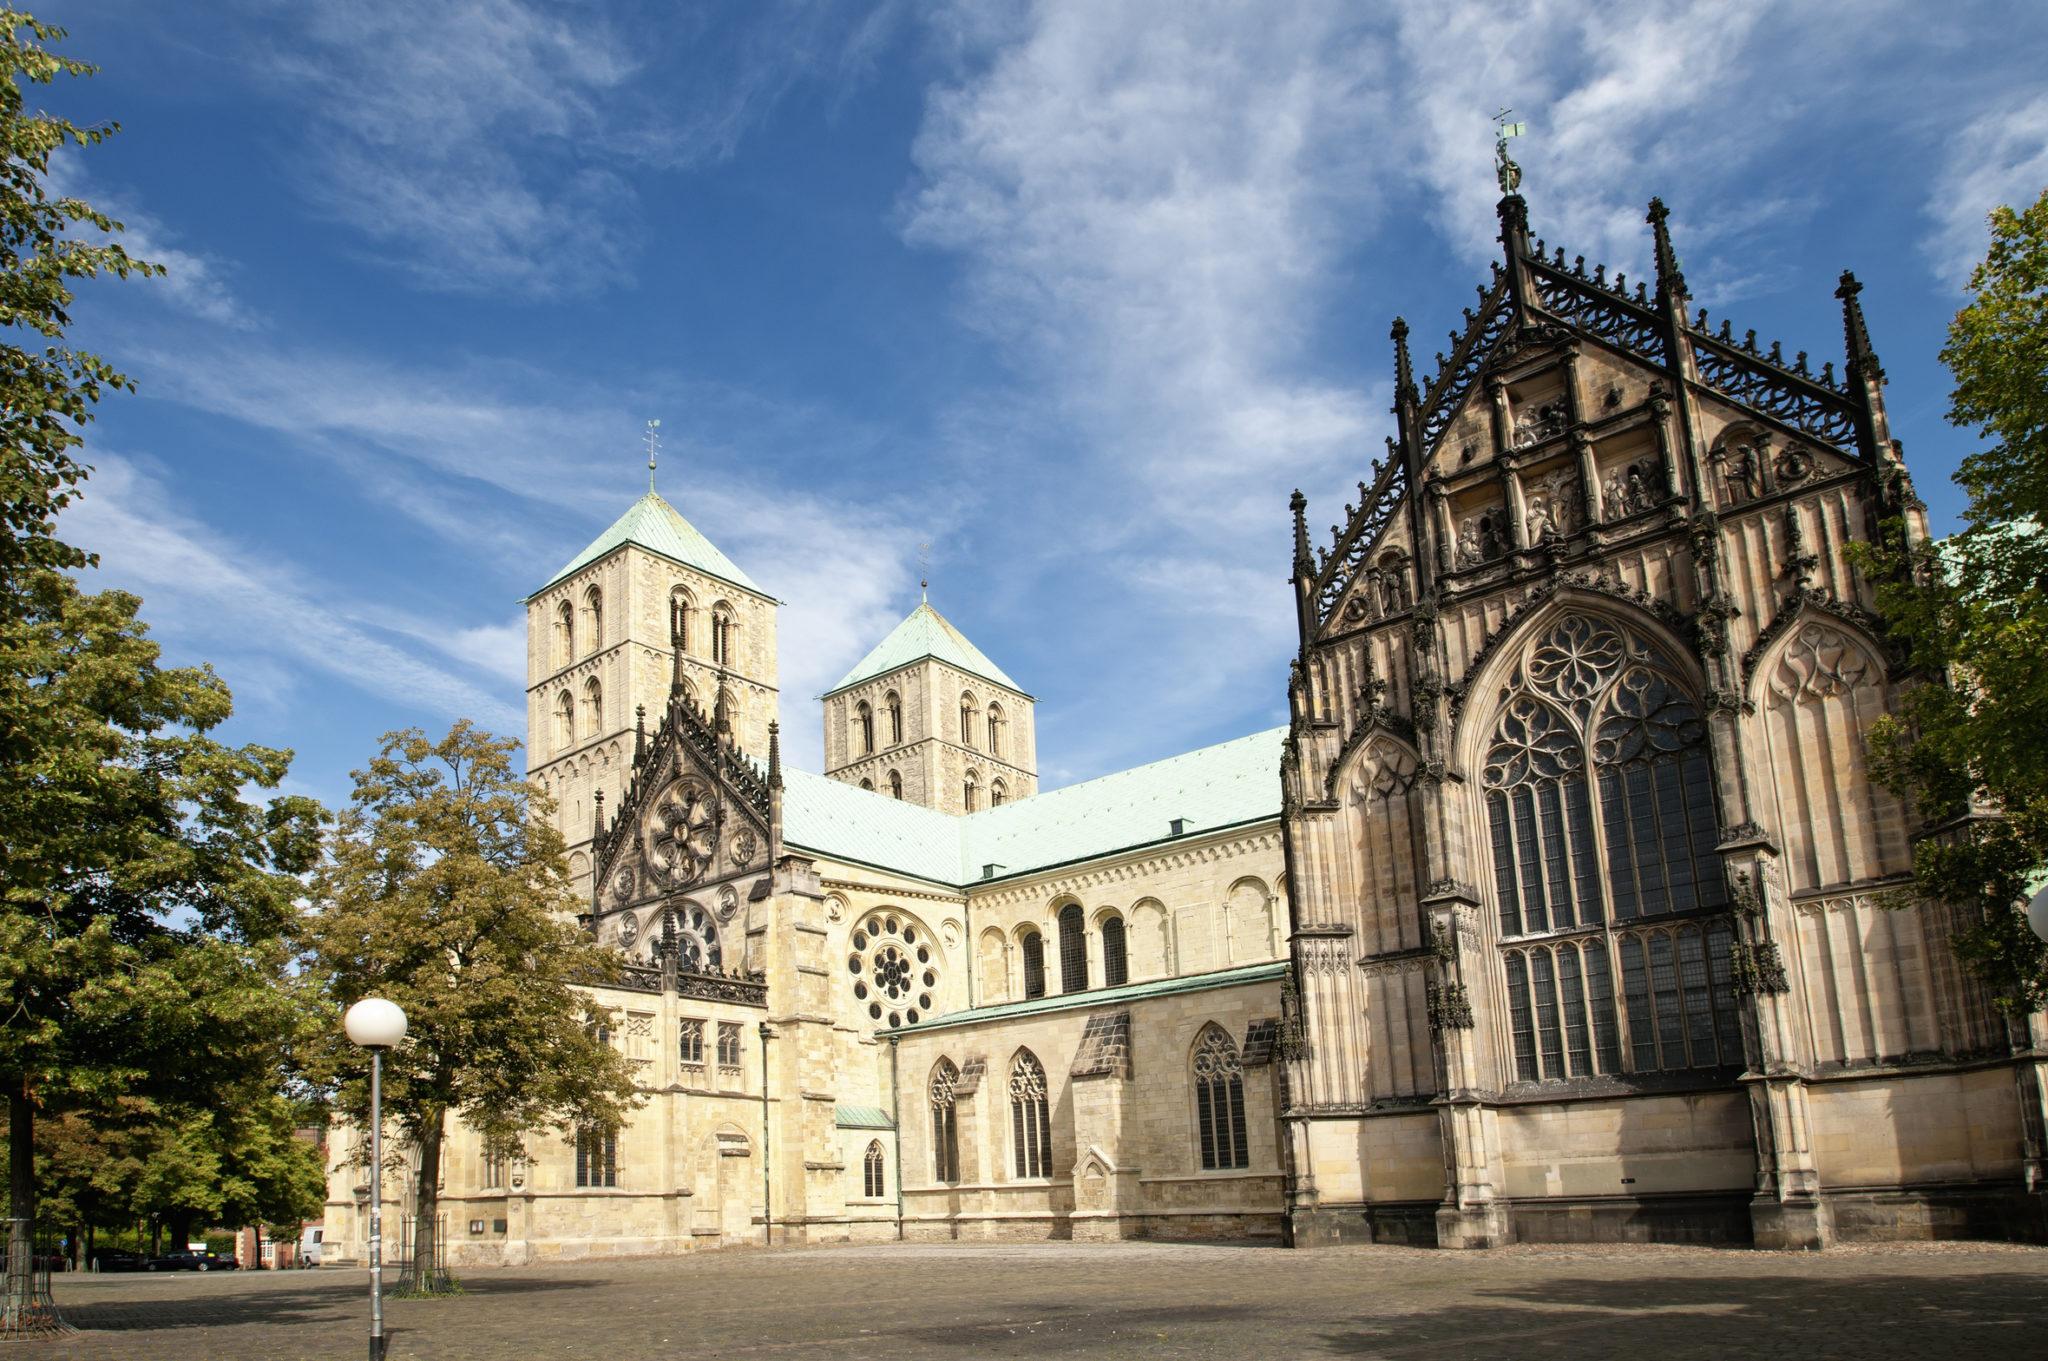 Haushaltsauflösung und Entrümpelung in Münster